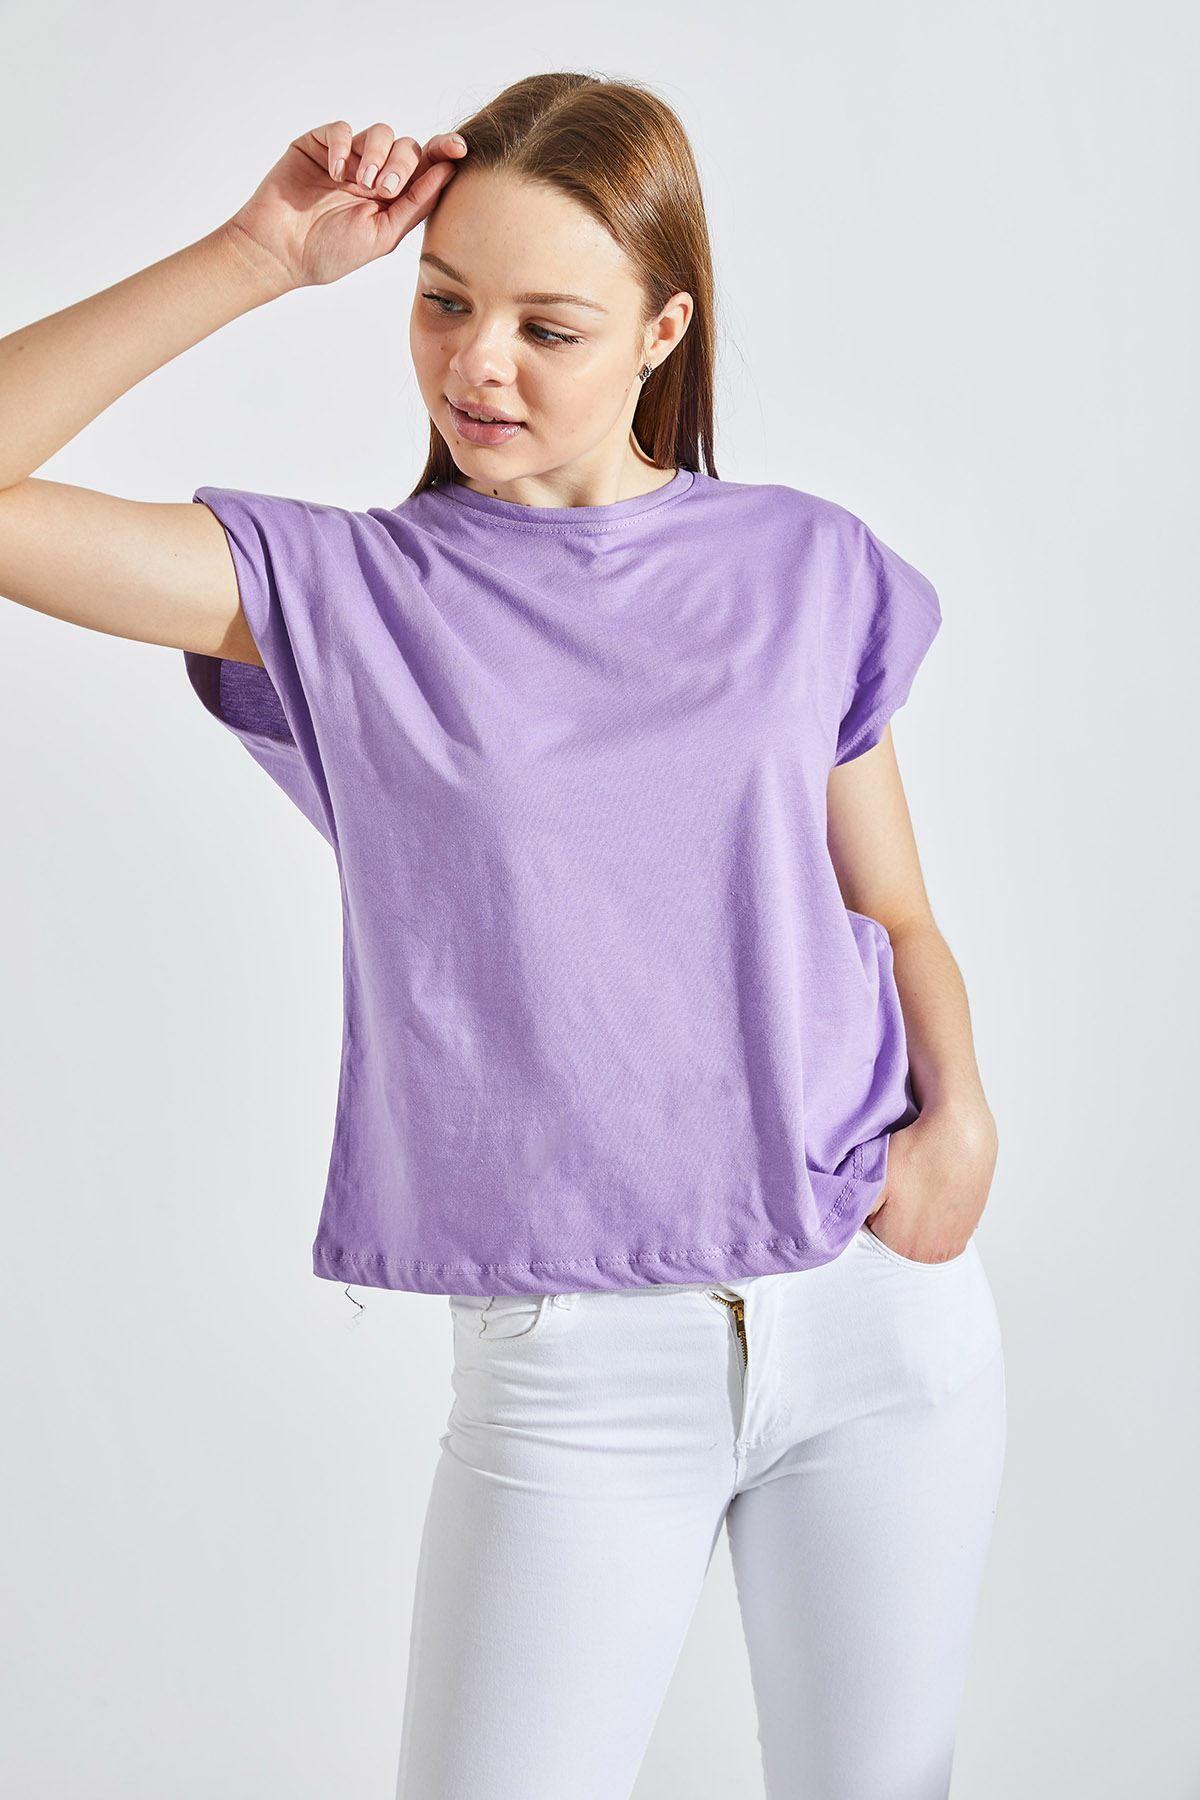 Kadın Vatkalı Mor Tişört